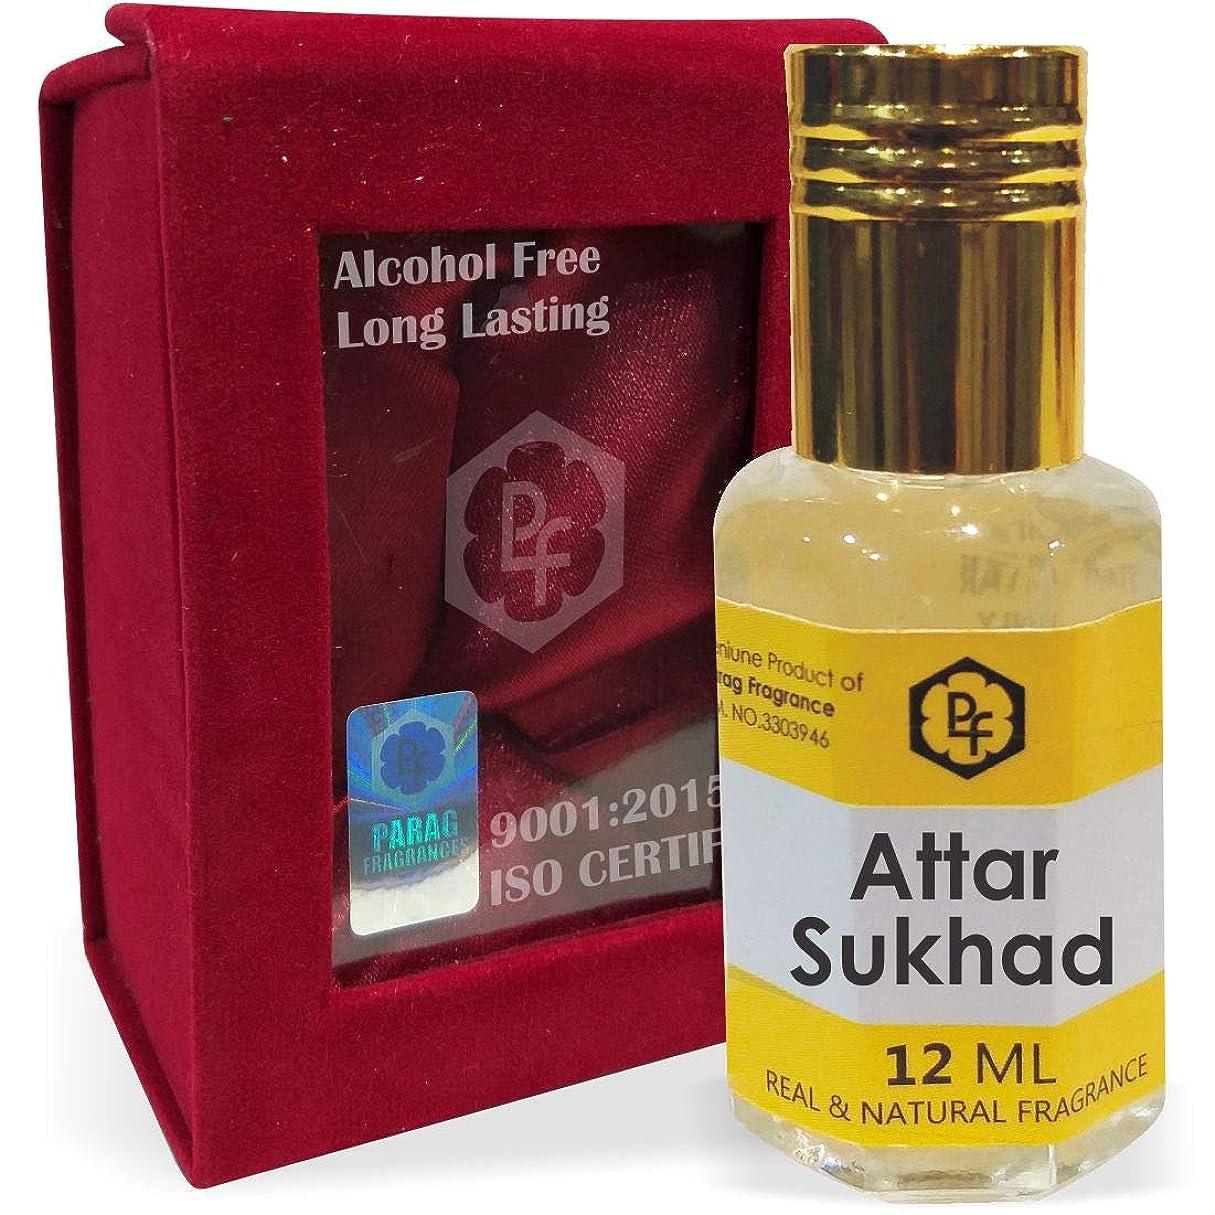 いっぱい上に美徳ParagフレグランスSukhad手作りベルベットボックス12ミリリットルアター/香水(インドの伝統的なBhapka処理方法により、インド製)オイル/フレグランスオイル|長持ちアターITRA最高の品質